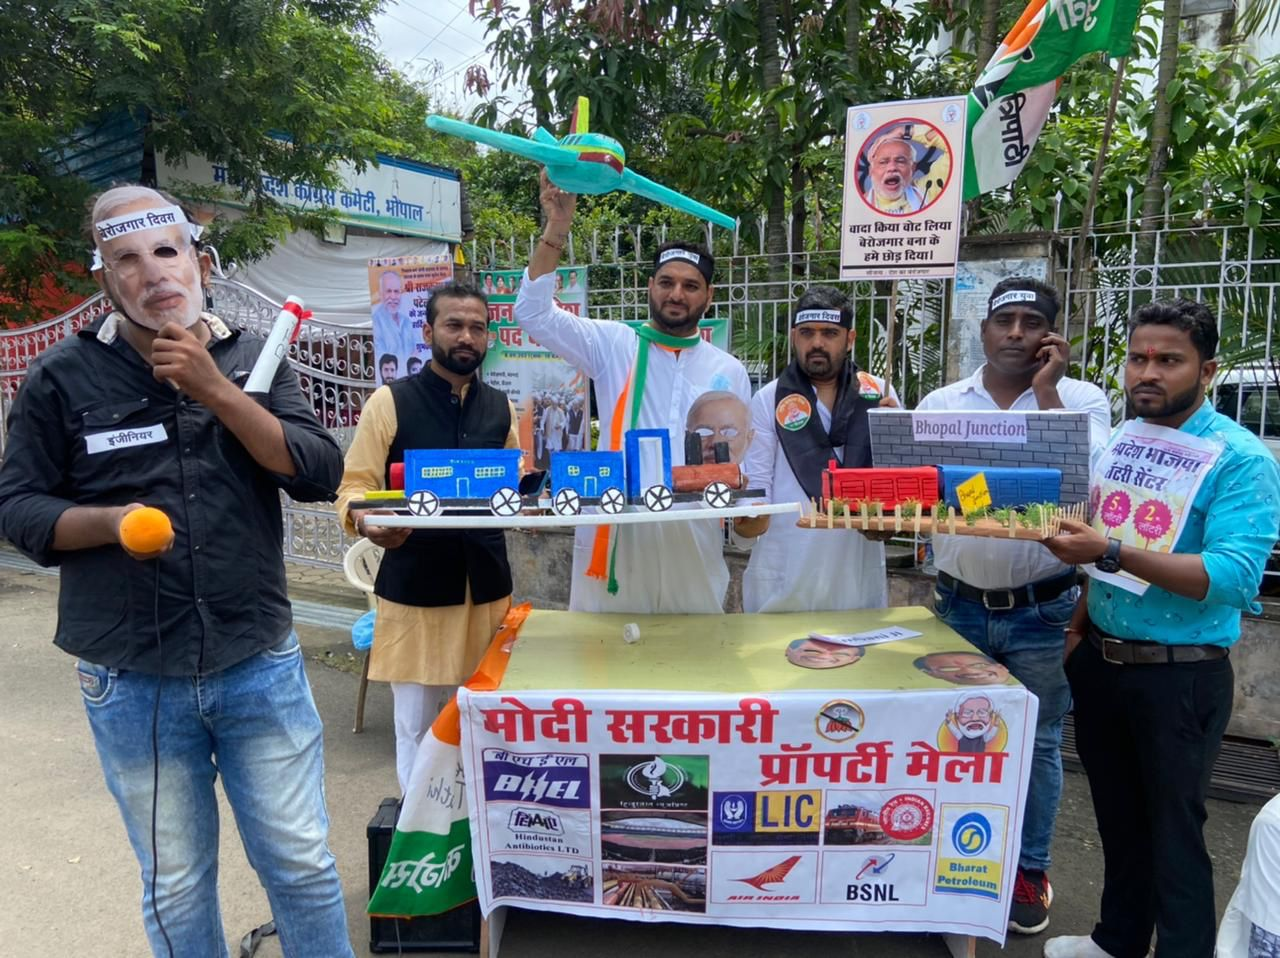 भोपाल में पकोड़े तले और चाय बनाकर मांगा रोजगार; बोले- ये पढ़े-लिखे बेरोजगारों वाली चाय है|भोपाल,Bhopal - Dainik Bhaskar